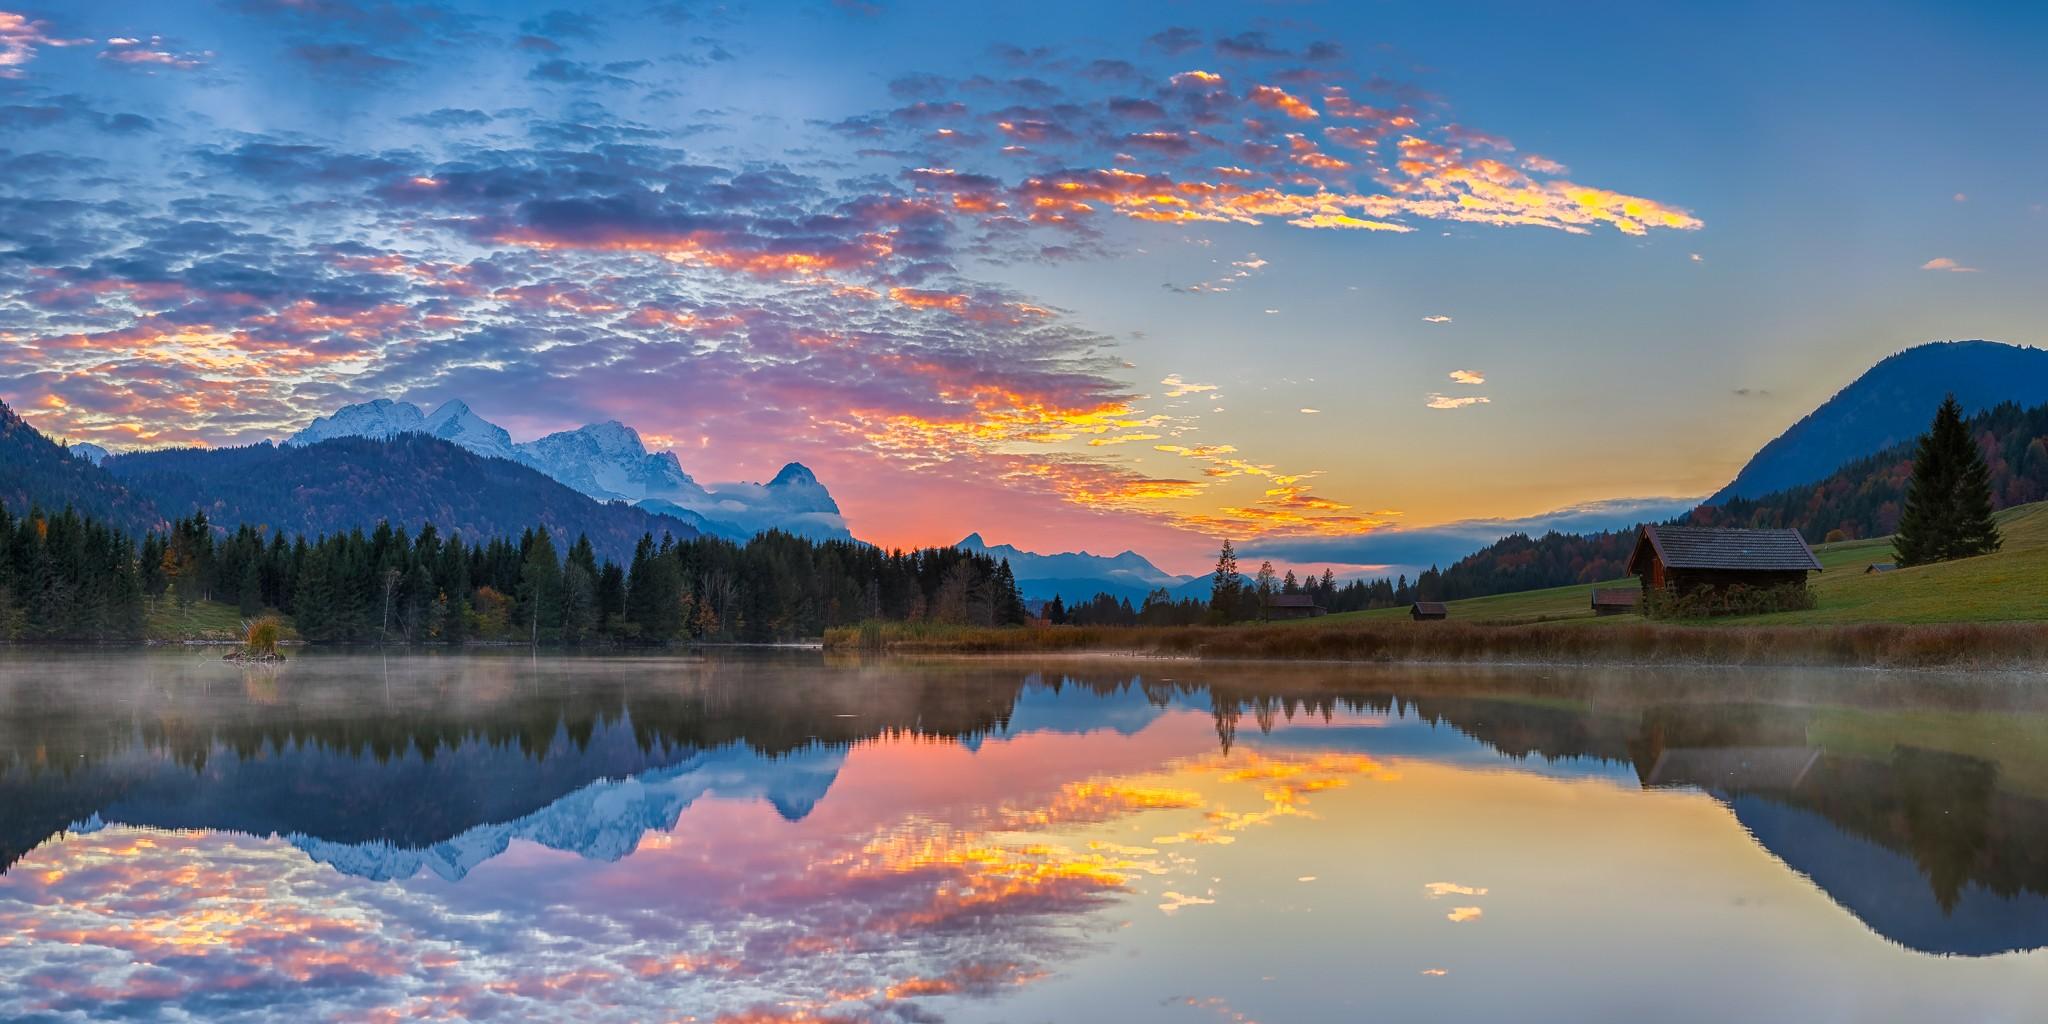 Geroldsee Wolkenstimmung Abendrot - Spiegelung der Wolken im See